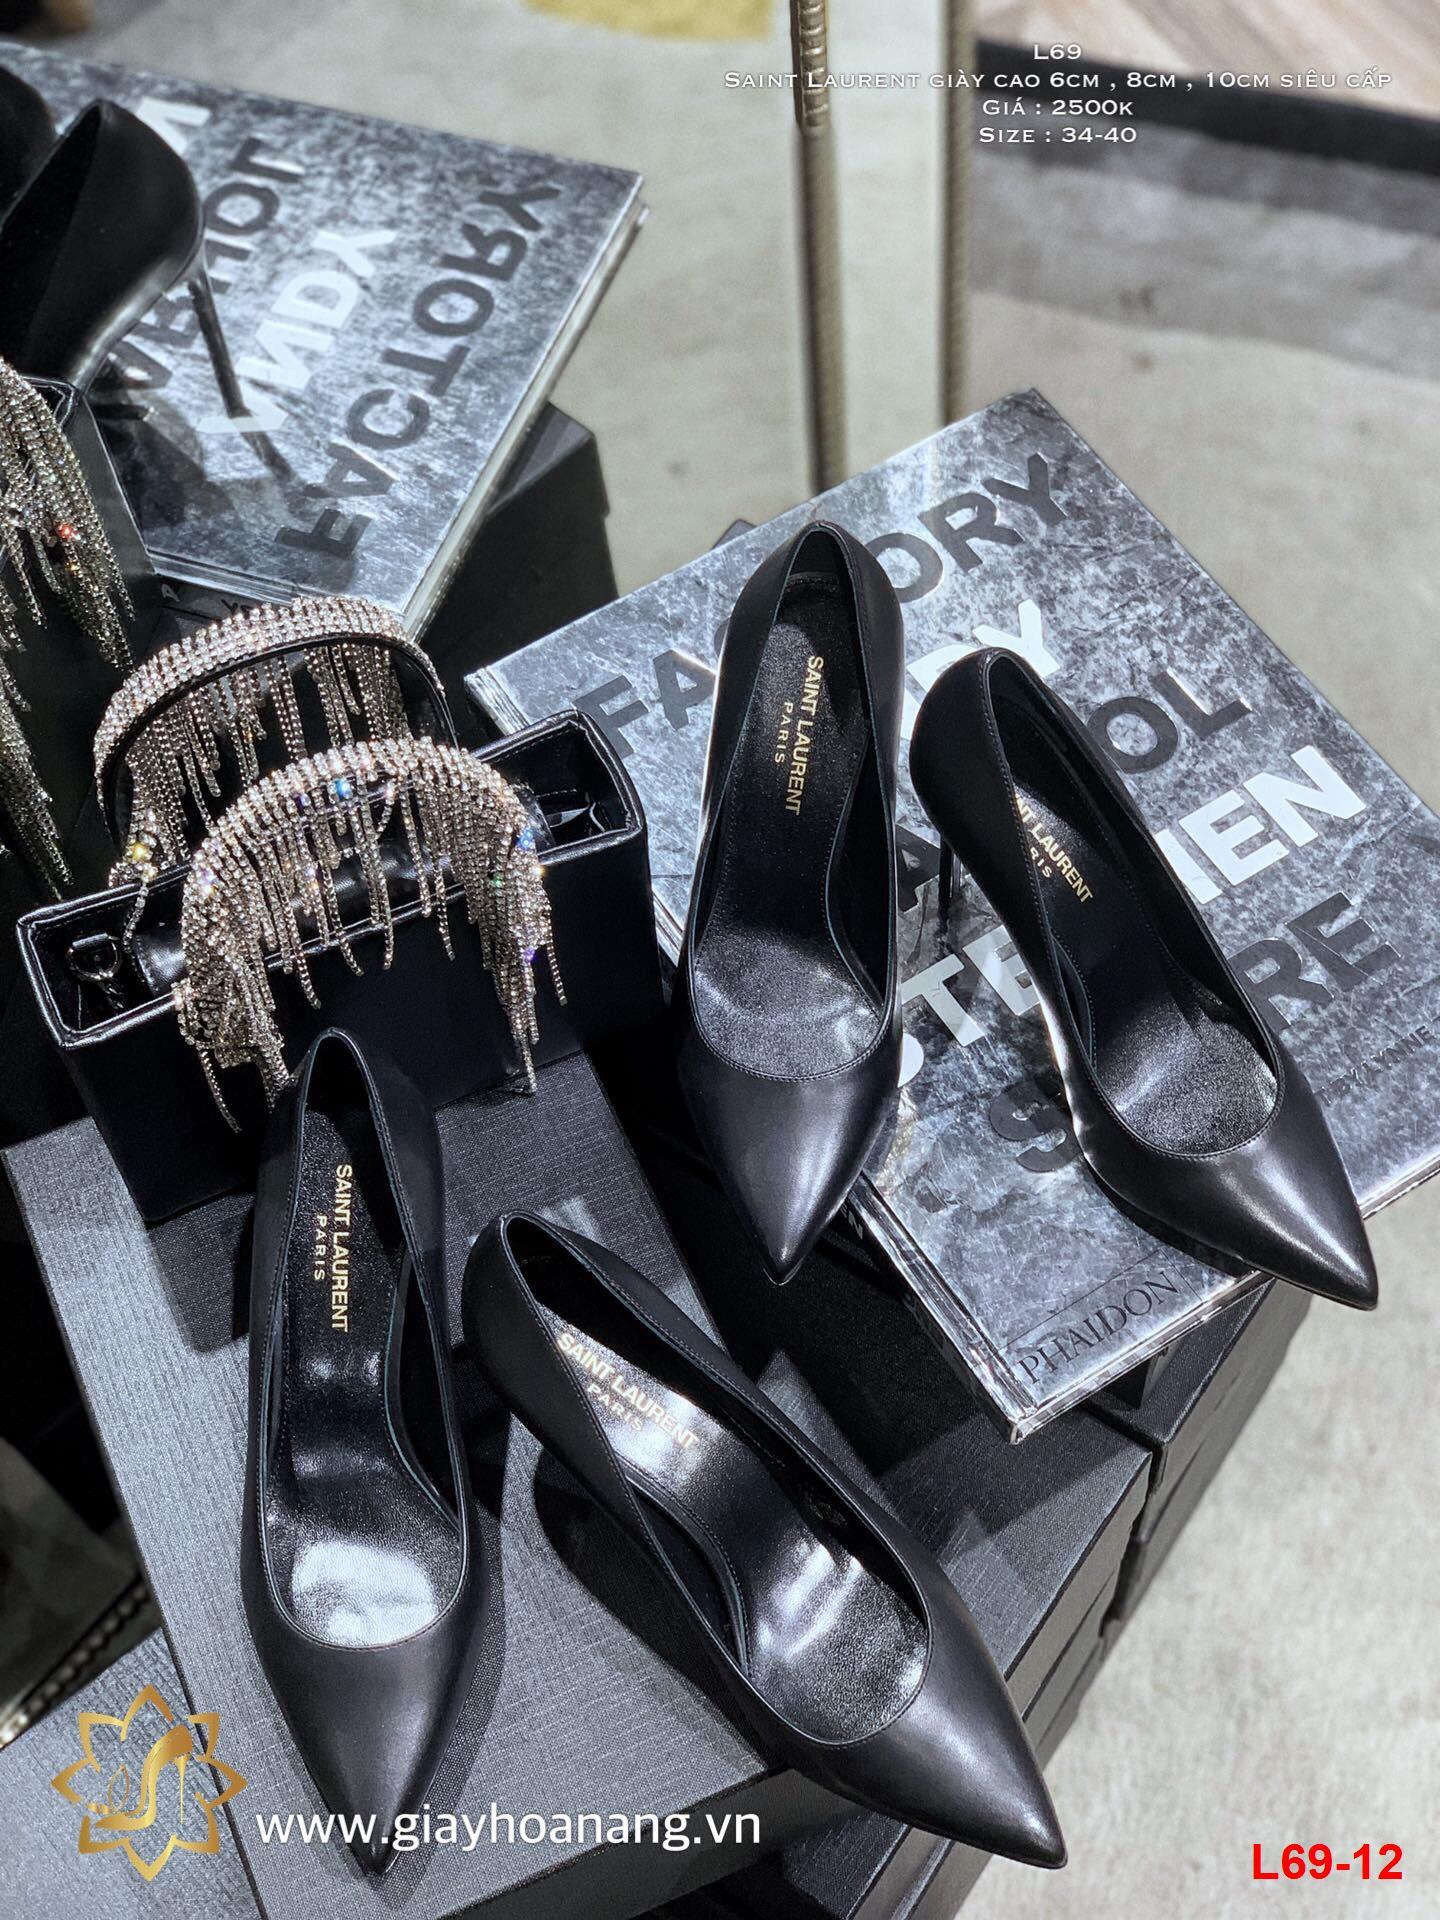 L69-12 Saint Laurent giày cao 6cm , 8cm , 10cm siêu cấp